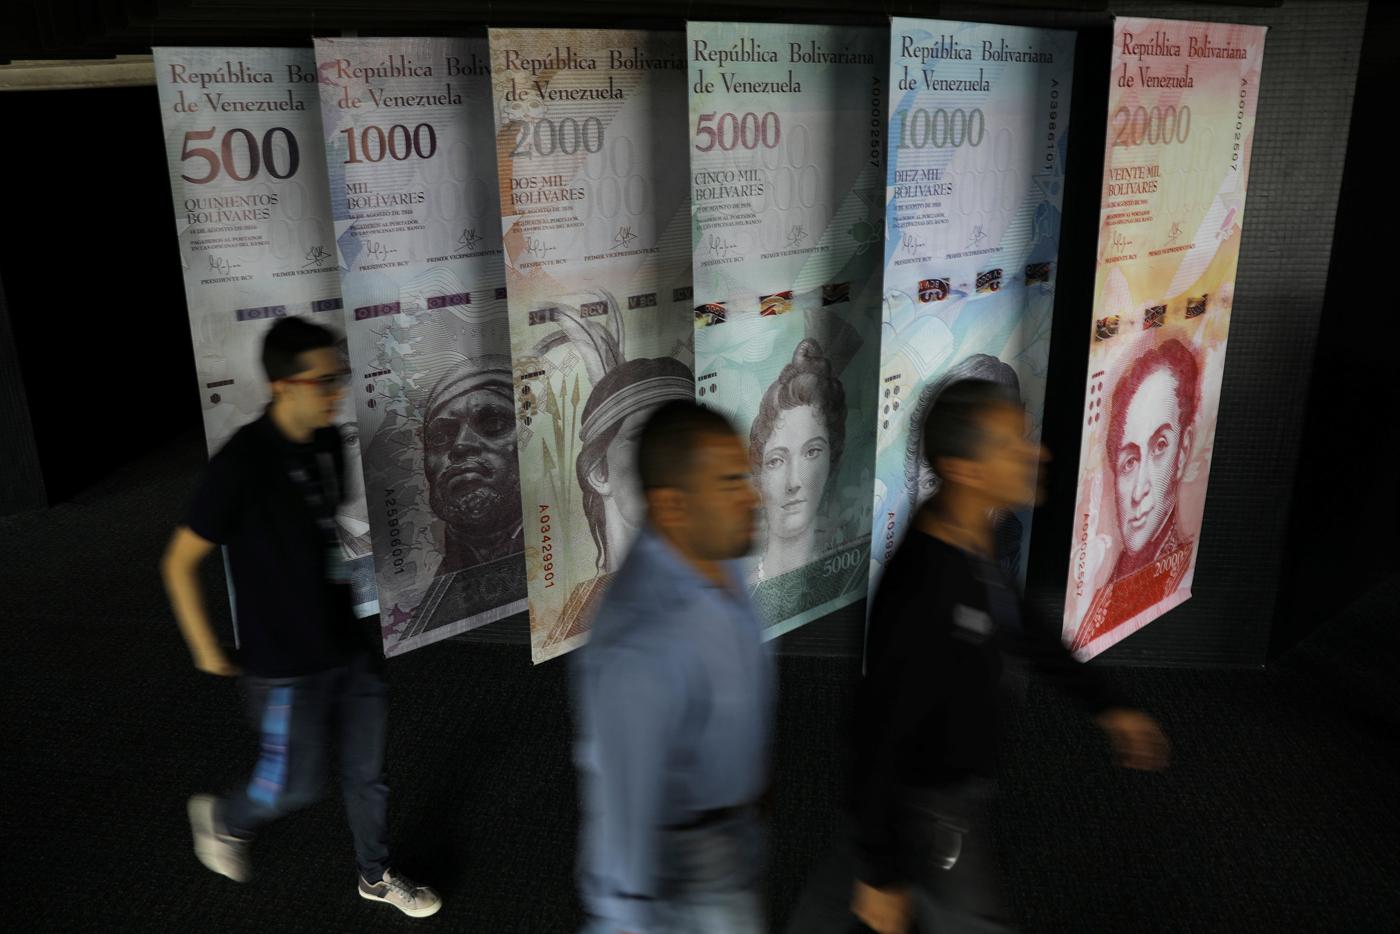 La gente camina cerca de los billetes venezolanos ampliados y exhibidos en el edificio del Banco Central de Venezuela en Caracas, Venezuela. 23 de mayo 2017. La primera subasta del nuevo sistema cambiario de Venezuela, conocido como Dicom, arrojó un tipo de cambio de 2.100 bolívares por dólar, dijo el miércoles el Banco Central. REUTERS/Carlos Barria